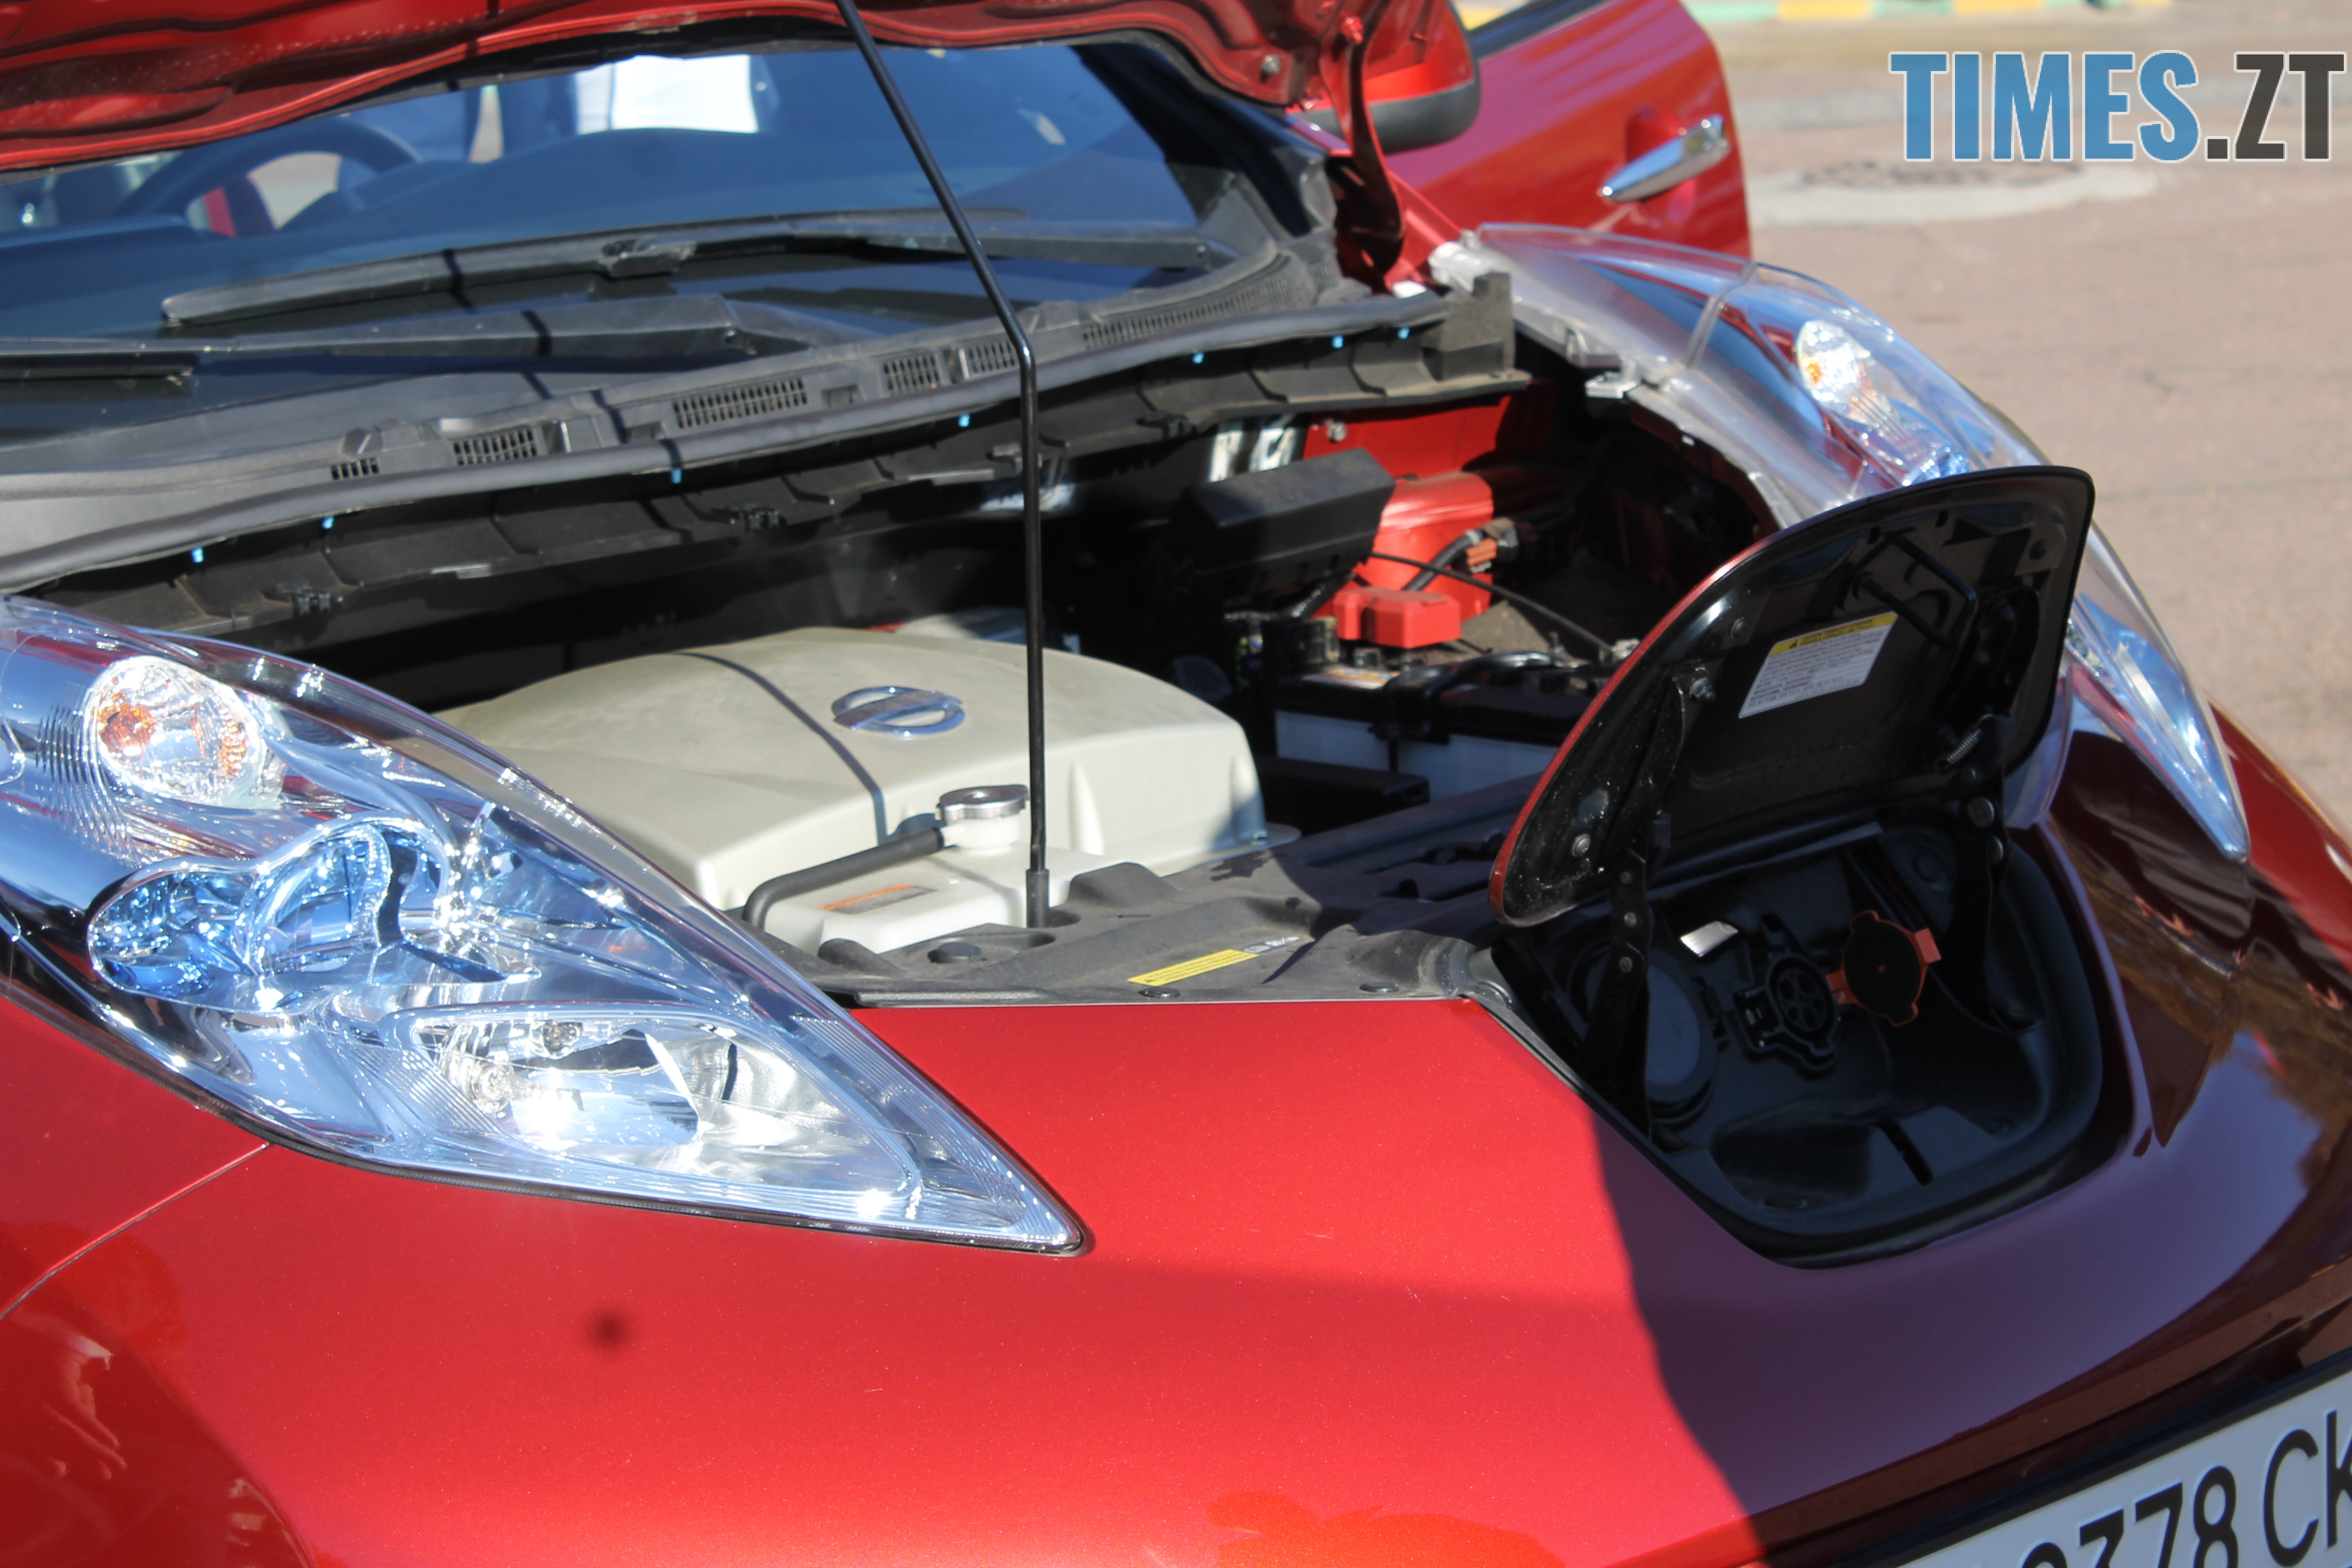 IMG 9240 - У Житомирі показали медичні електрокари, які вже за декілька днів будуть їздити містом